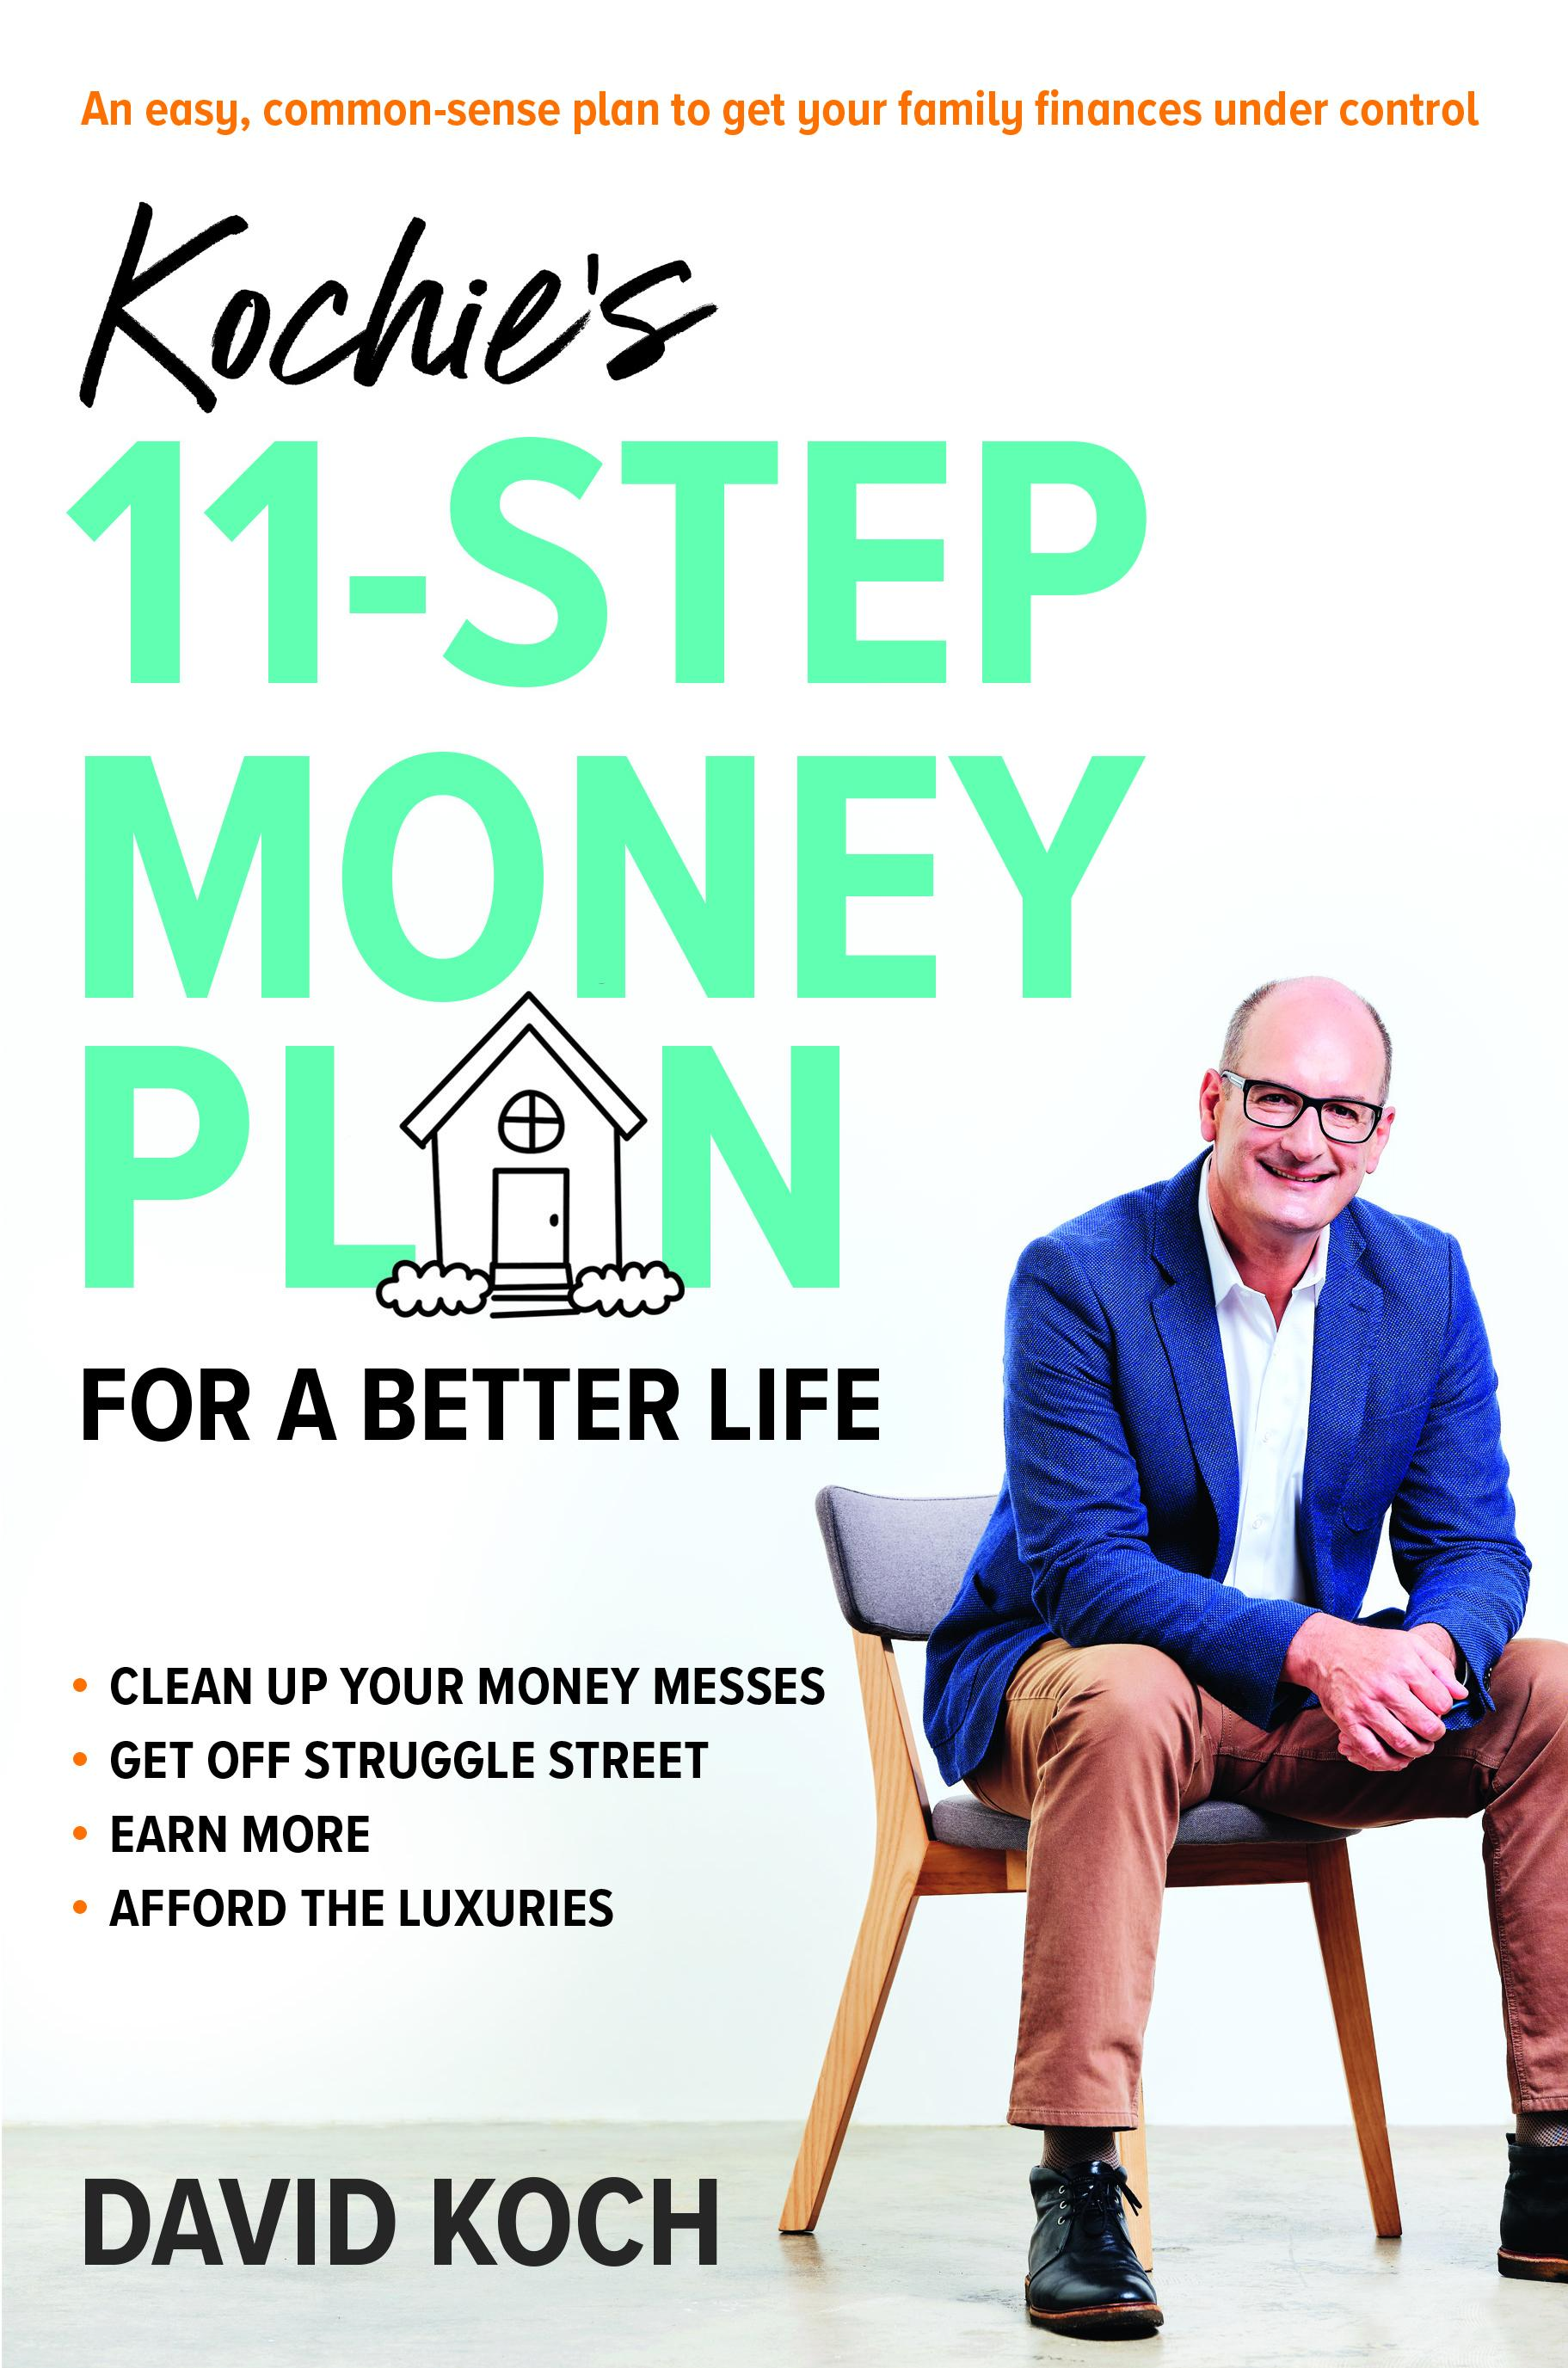 Kochie's 11-Step Money Plan for aBetterLife